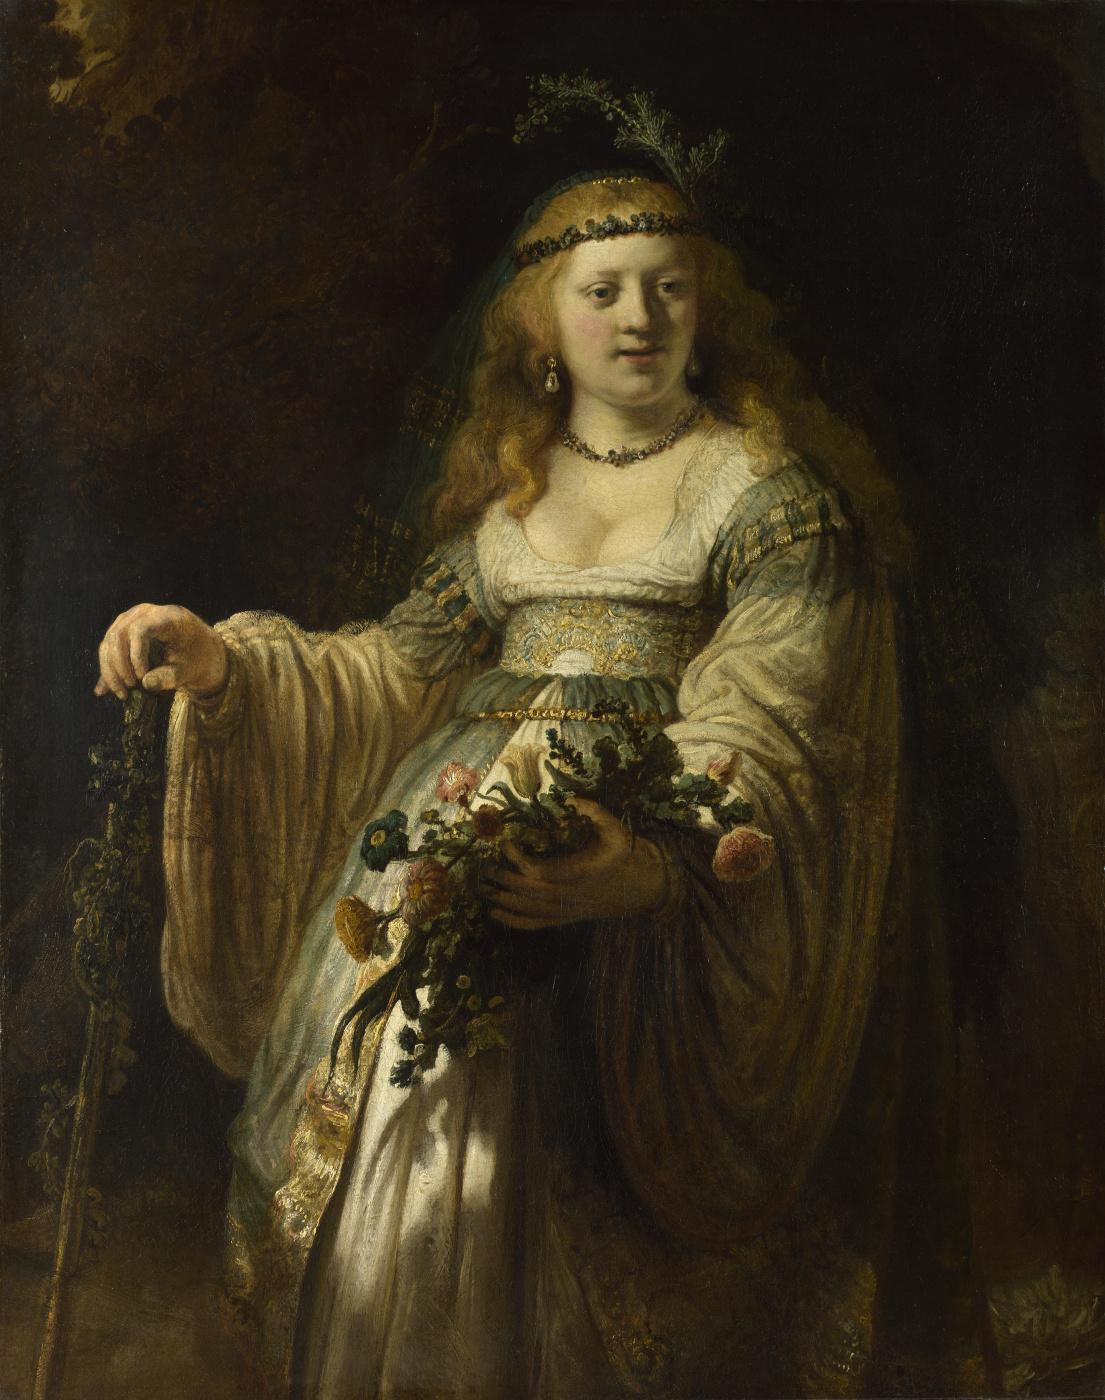 Rembrandt Harmenszoon van Rijn. Portrait of Saskia in Arcadian costume